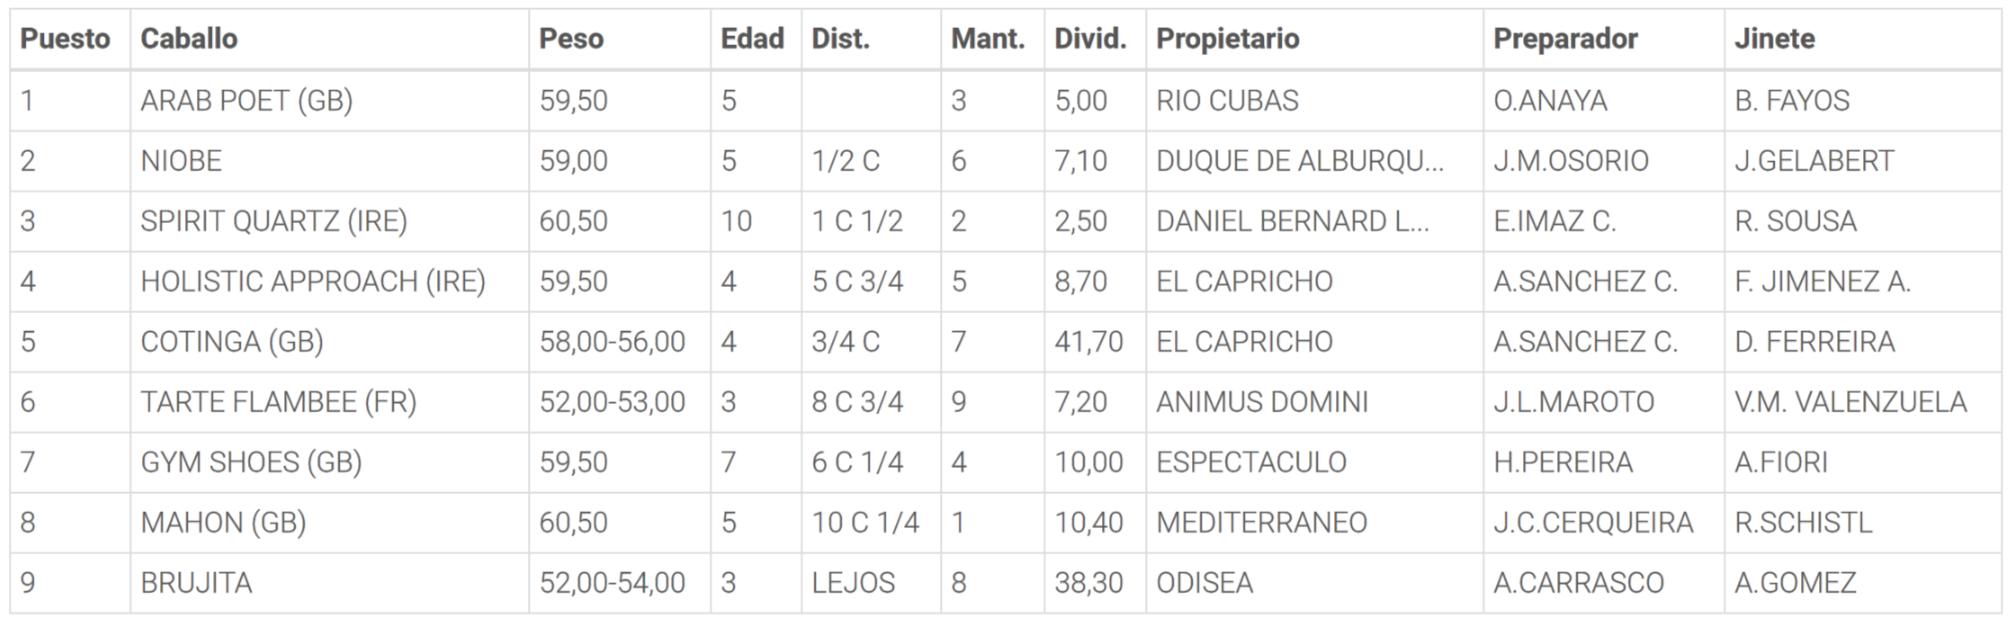 Resultados de la Carrera 7. Hipódromo de la Zarzuela